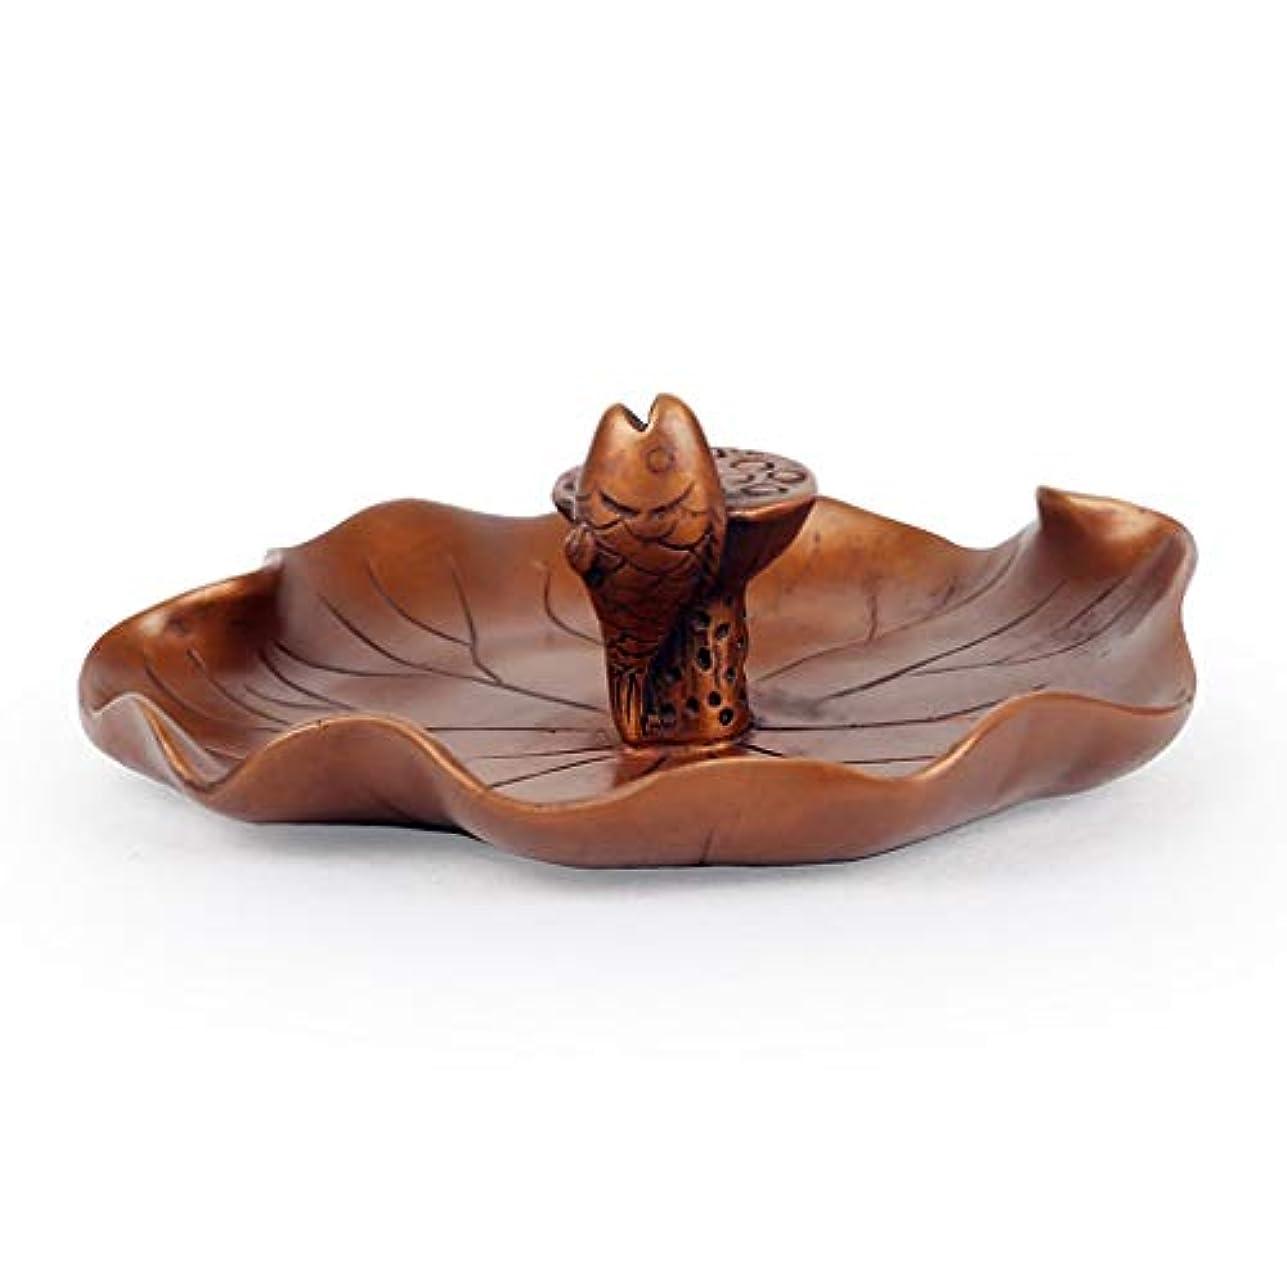 兵隊飢饉シャーロックホームズホームアロマバーナー 還流香炉ホーム香りの良い禅禅ラッキー鑑賞新しいクリエイティブアガーウッド香バーナー装飾 アロマバーナー (Color : Brass)